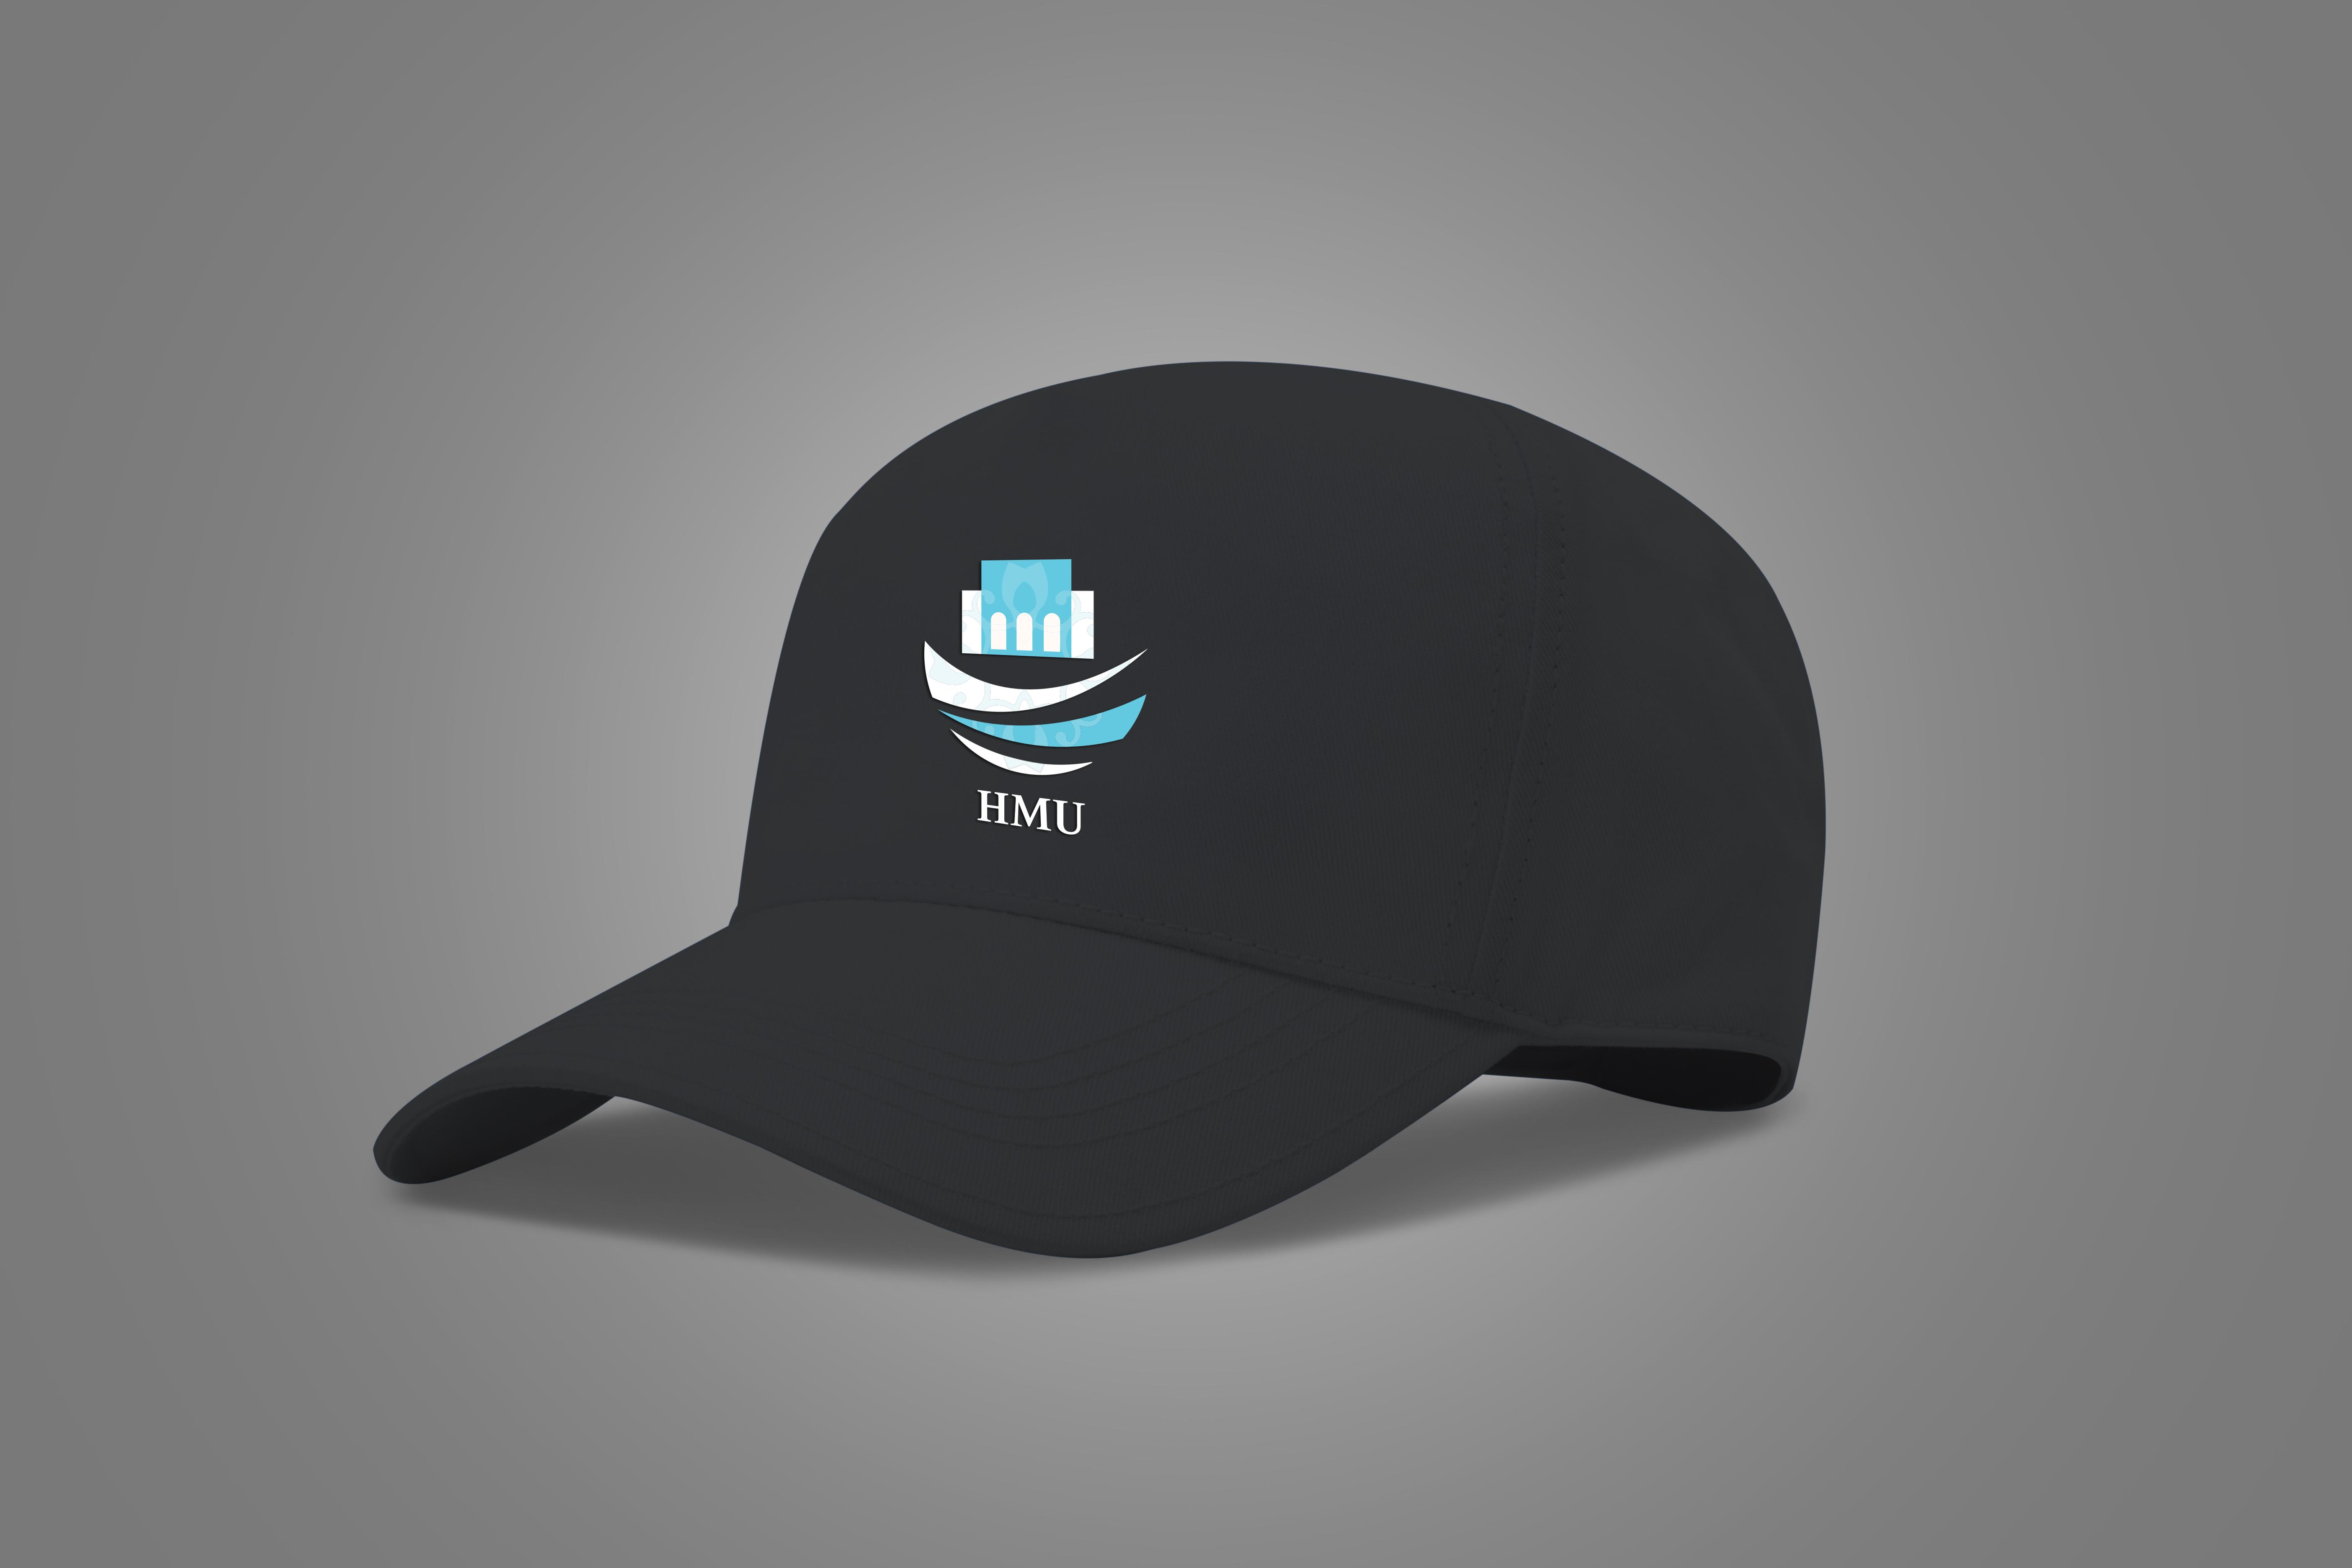 Logo applied on hat